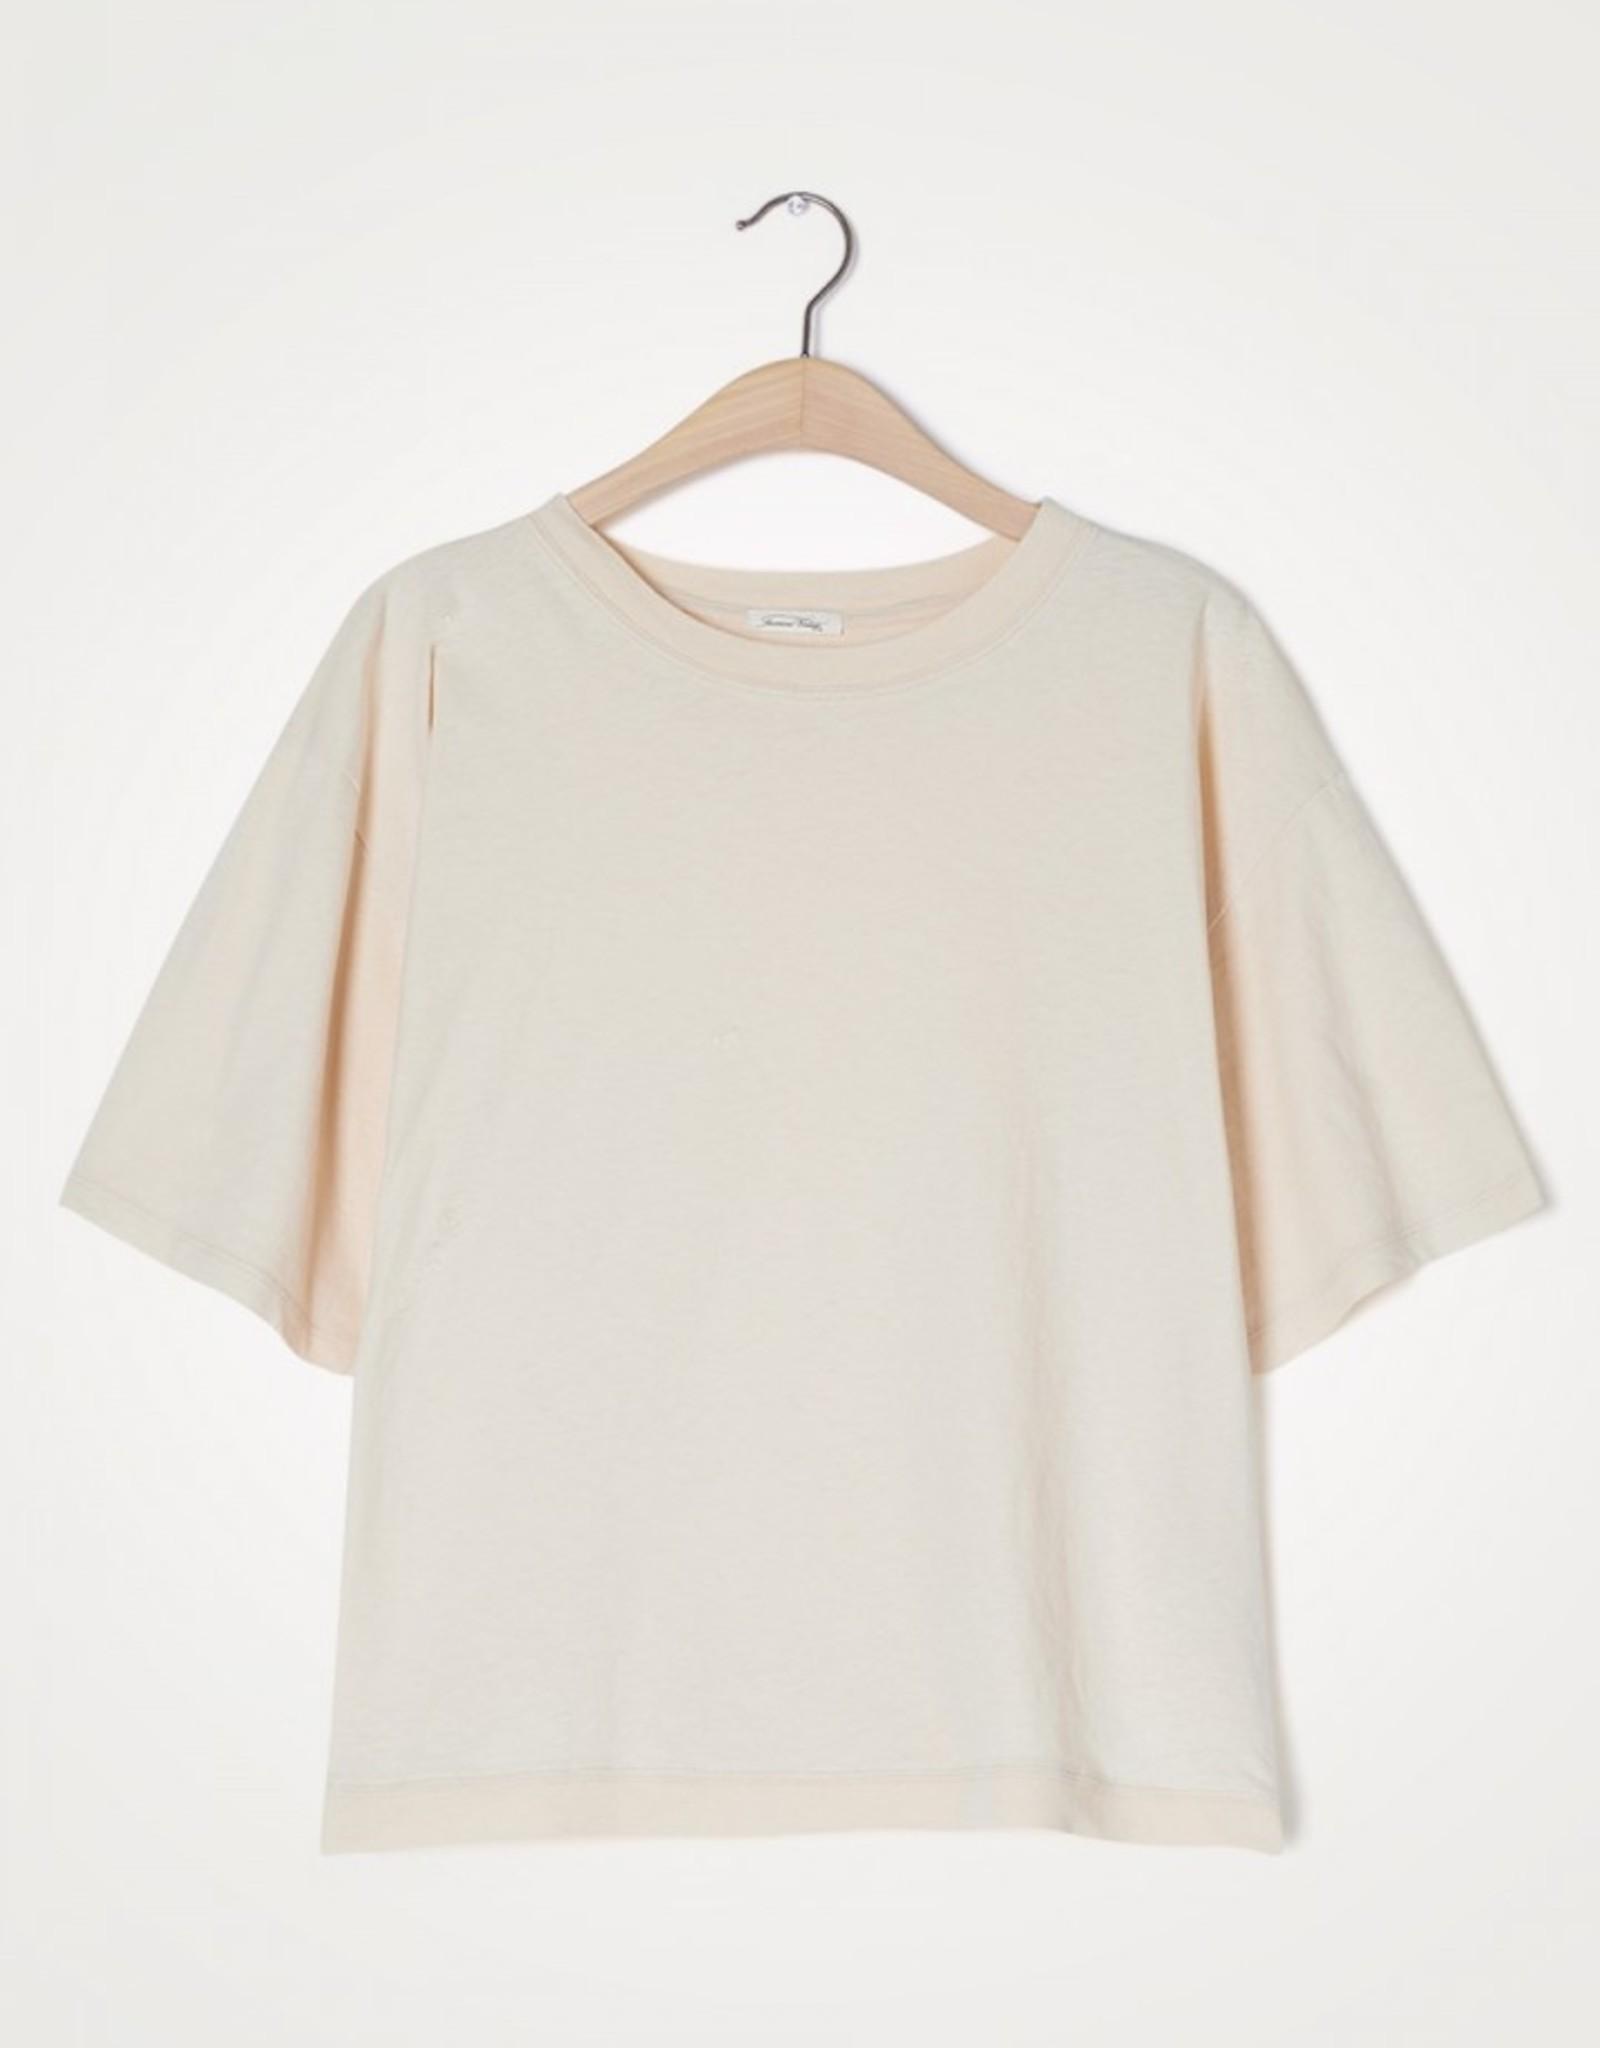 T-shirt Fakobay - Beige Rose Vintage